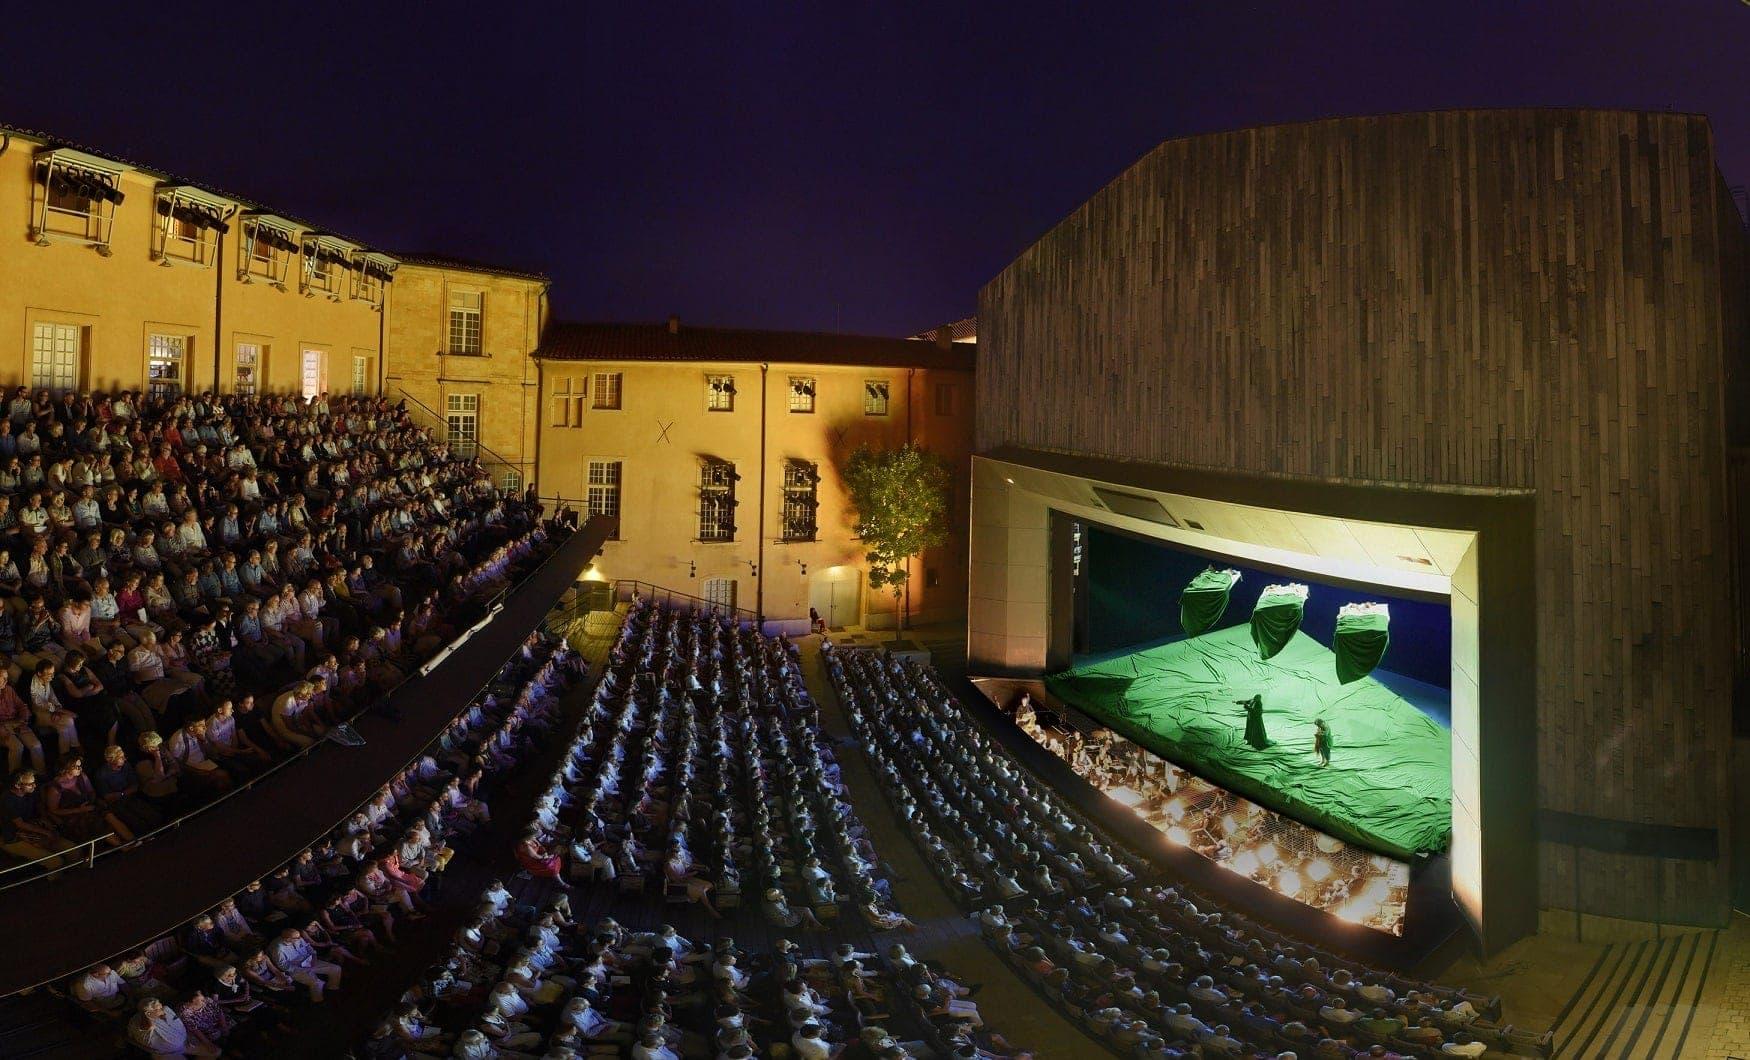 Фестиваль в Экс-ан-Провансе, Архиепископский театр. Фото - Винсент Понте